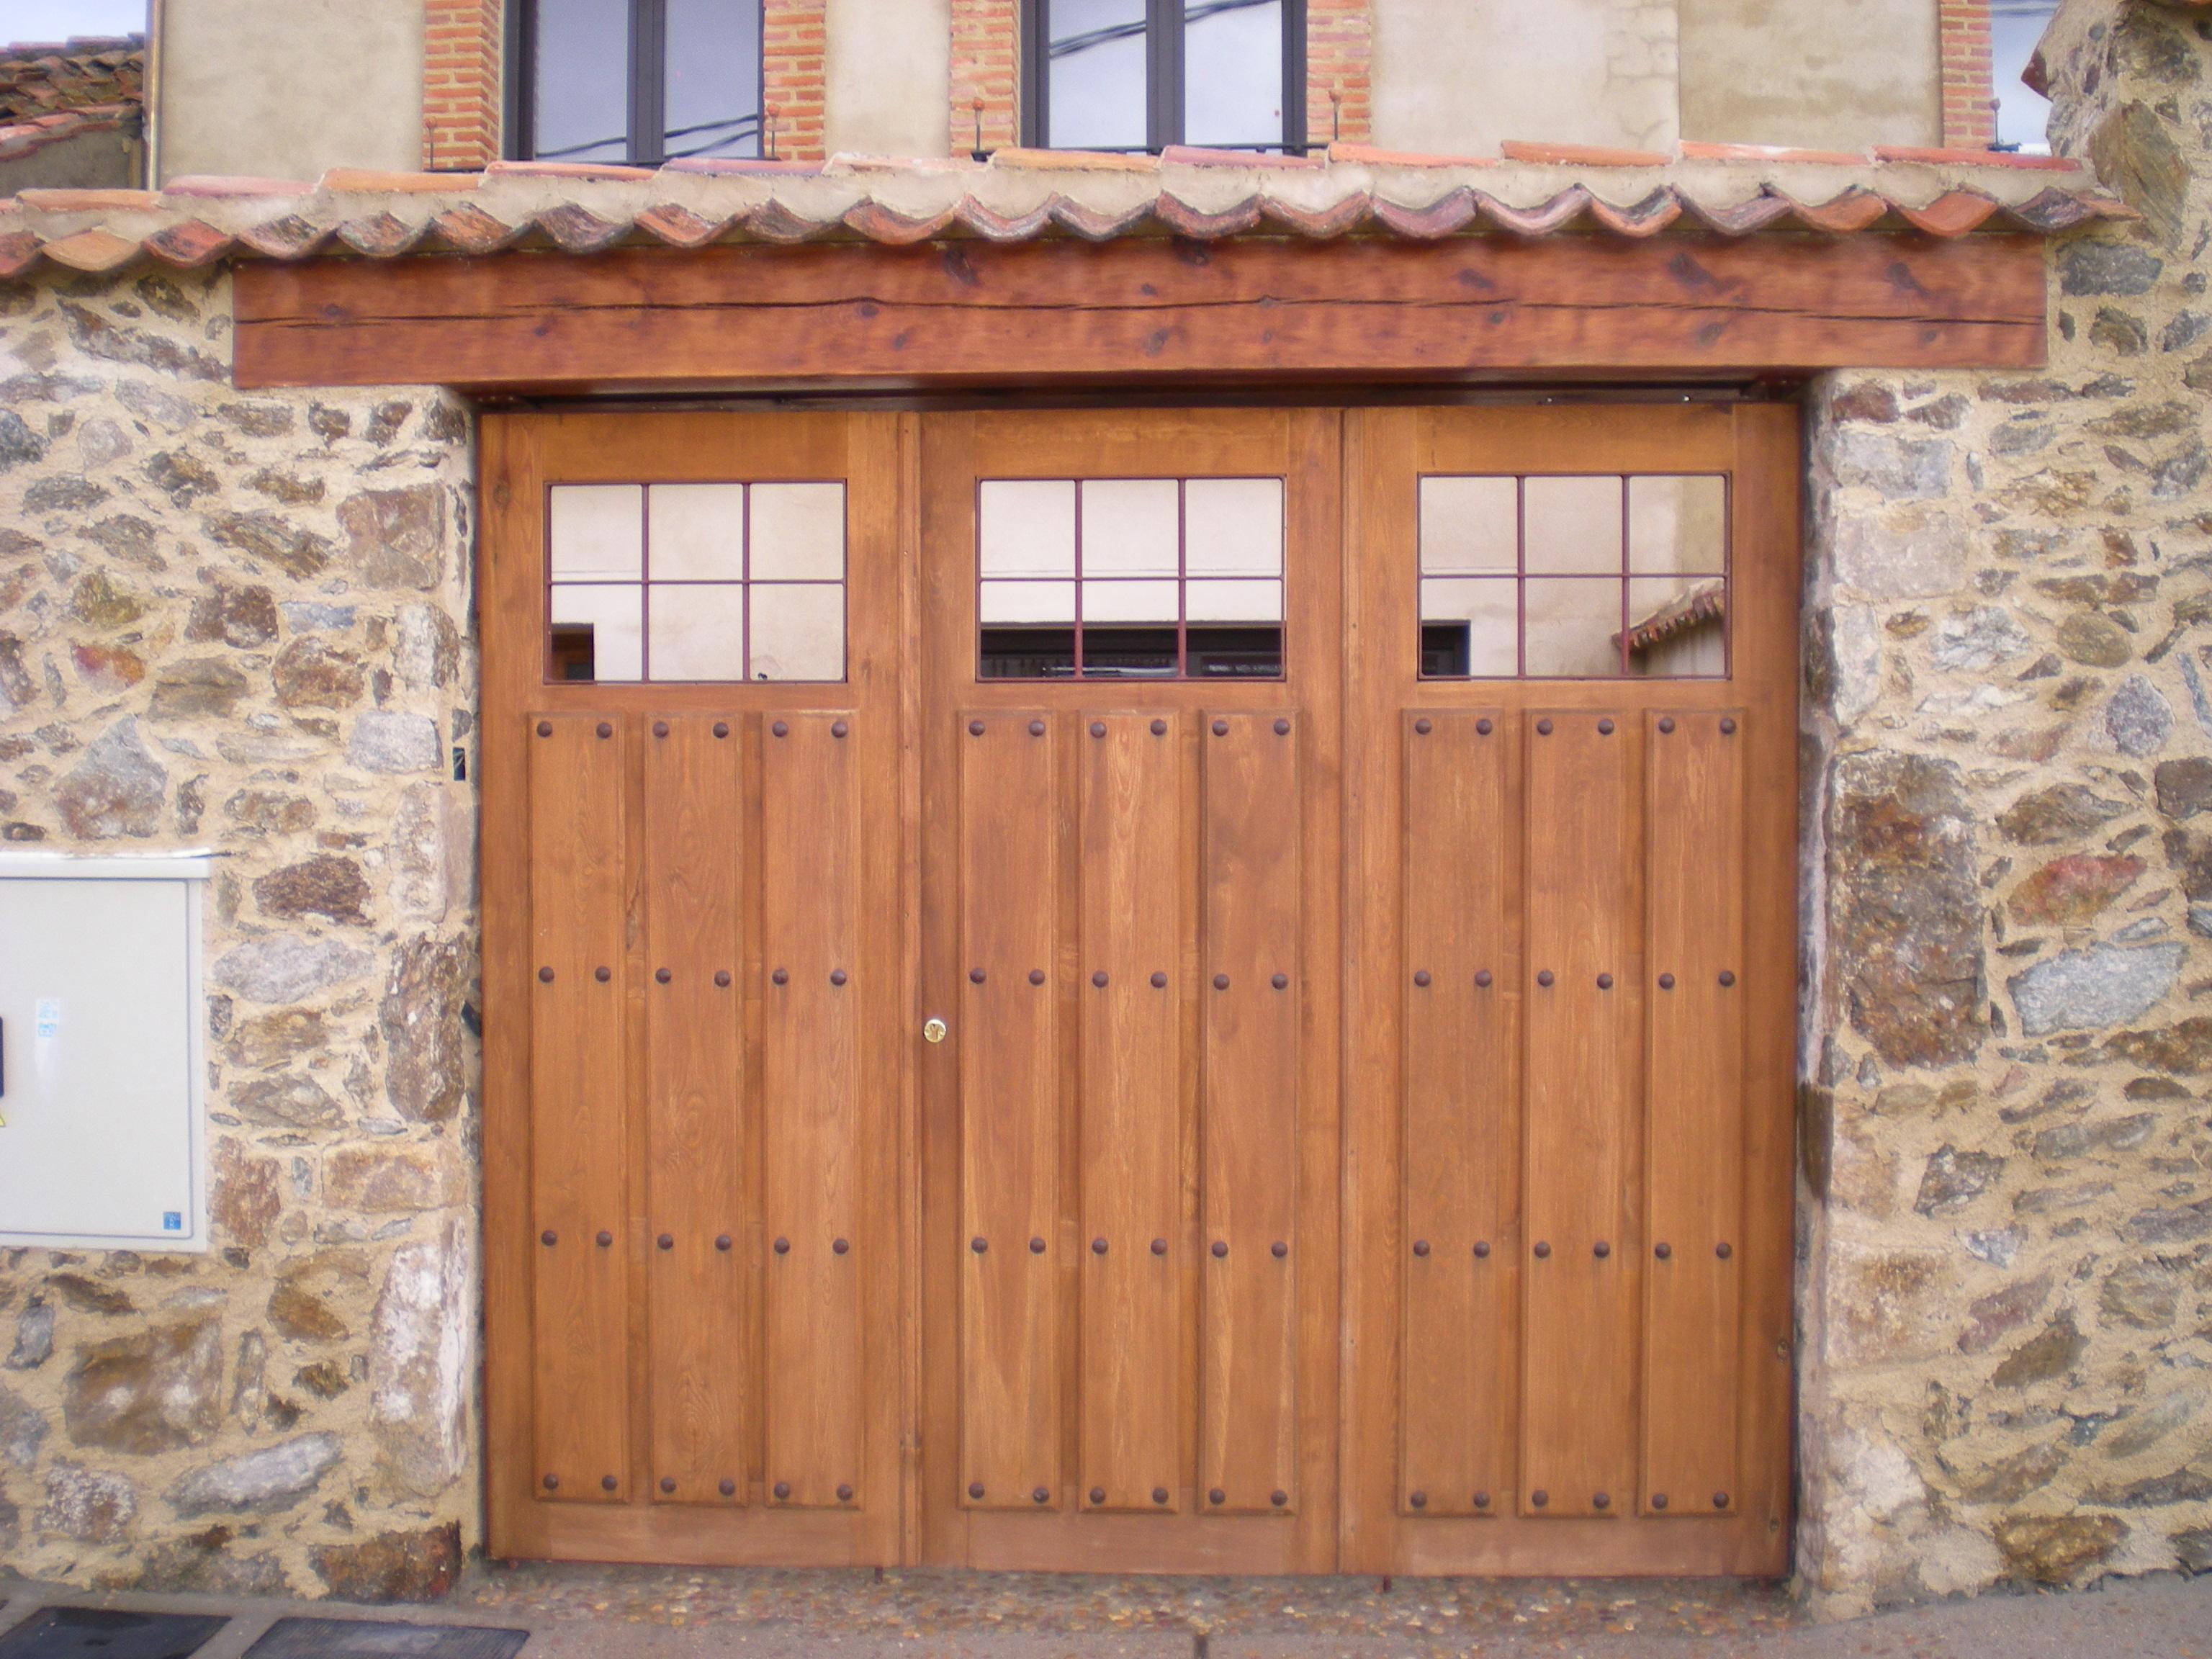 Portones rusticos de madera trendy resultado de imagen - Portones de madera para exterior ...